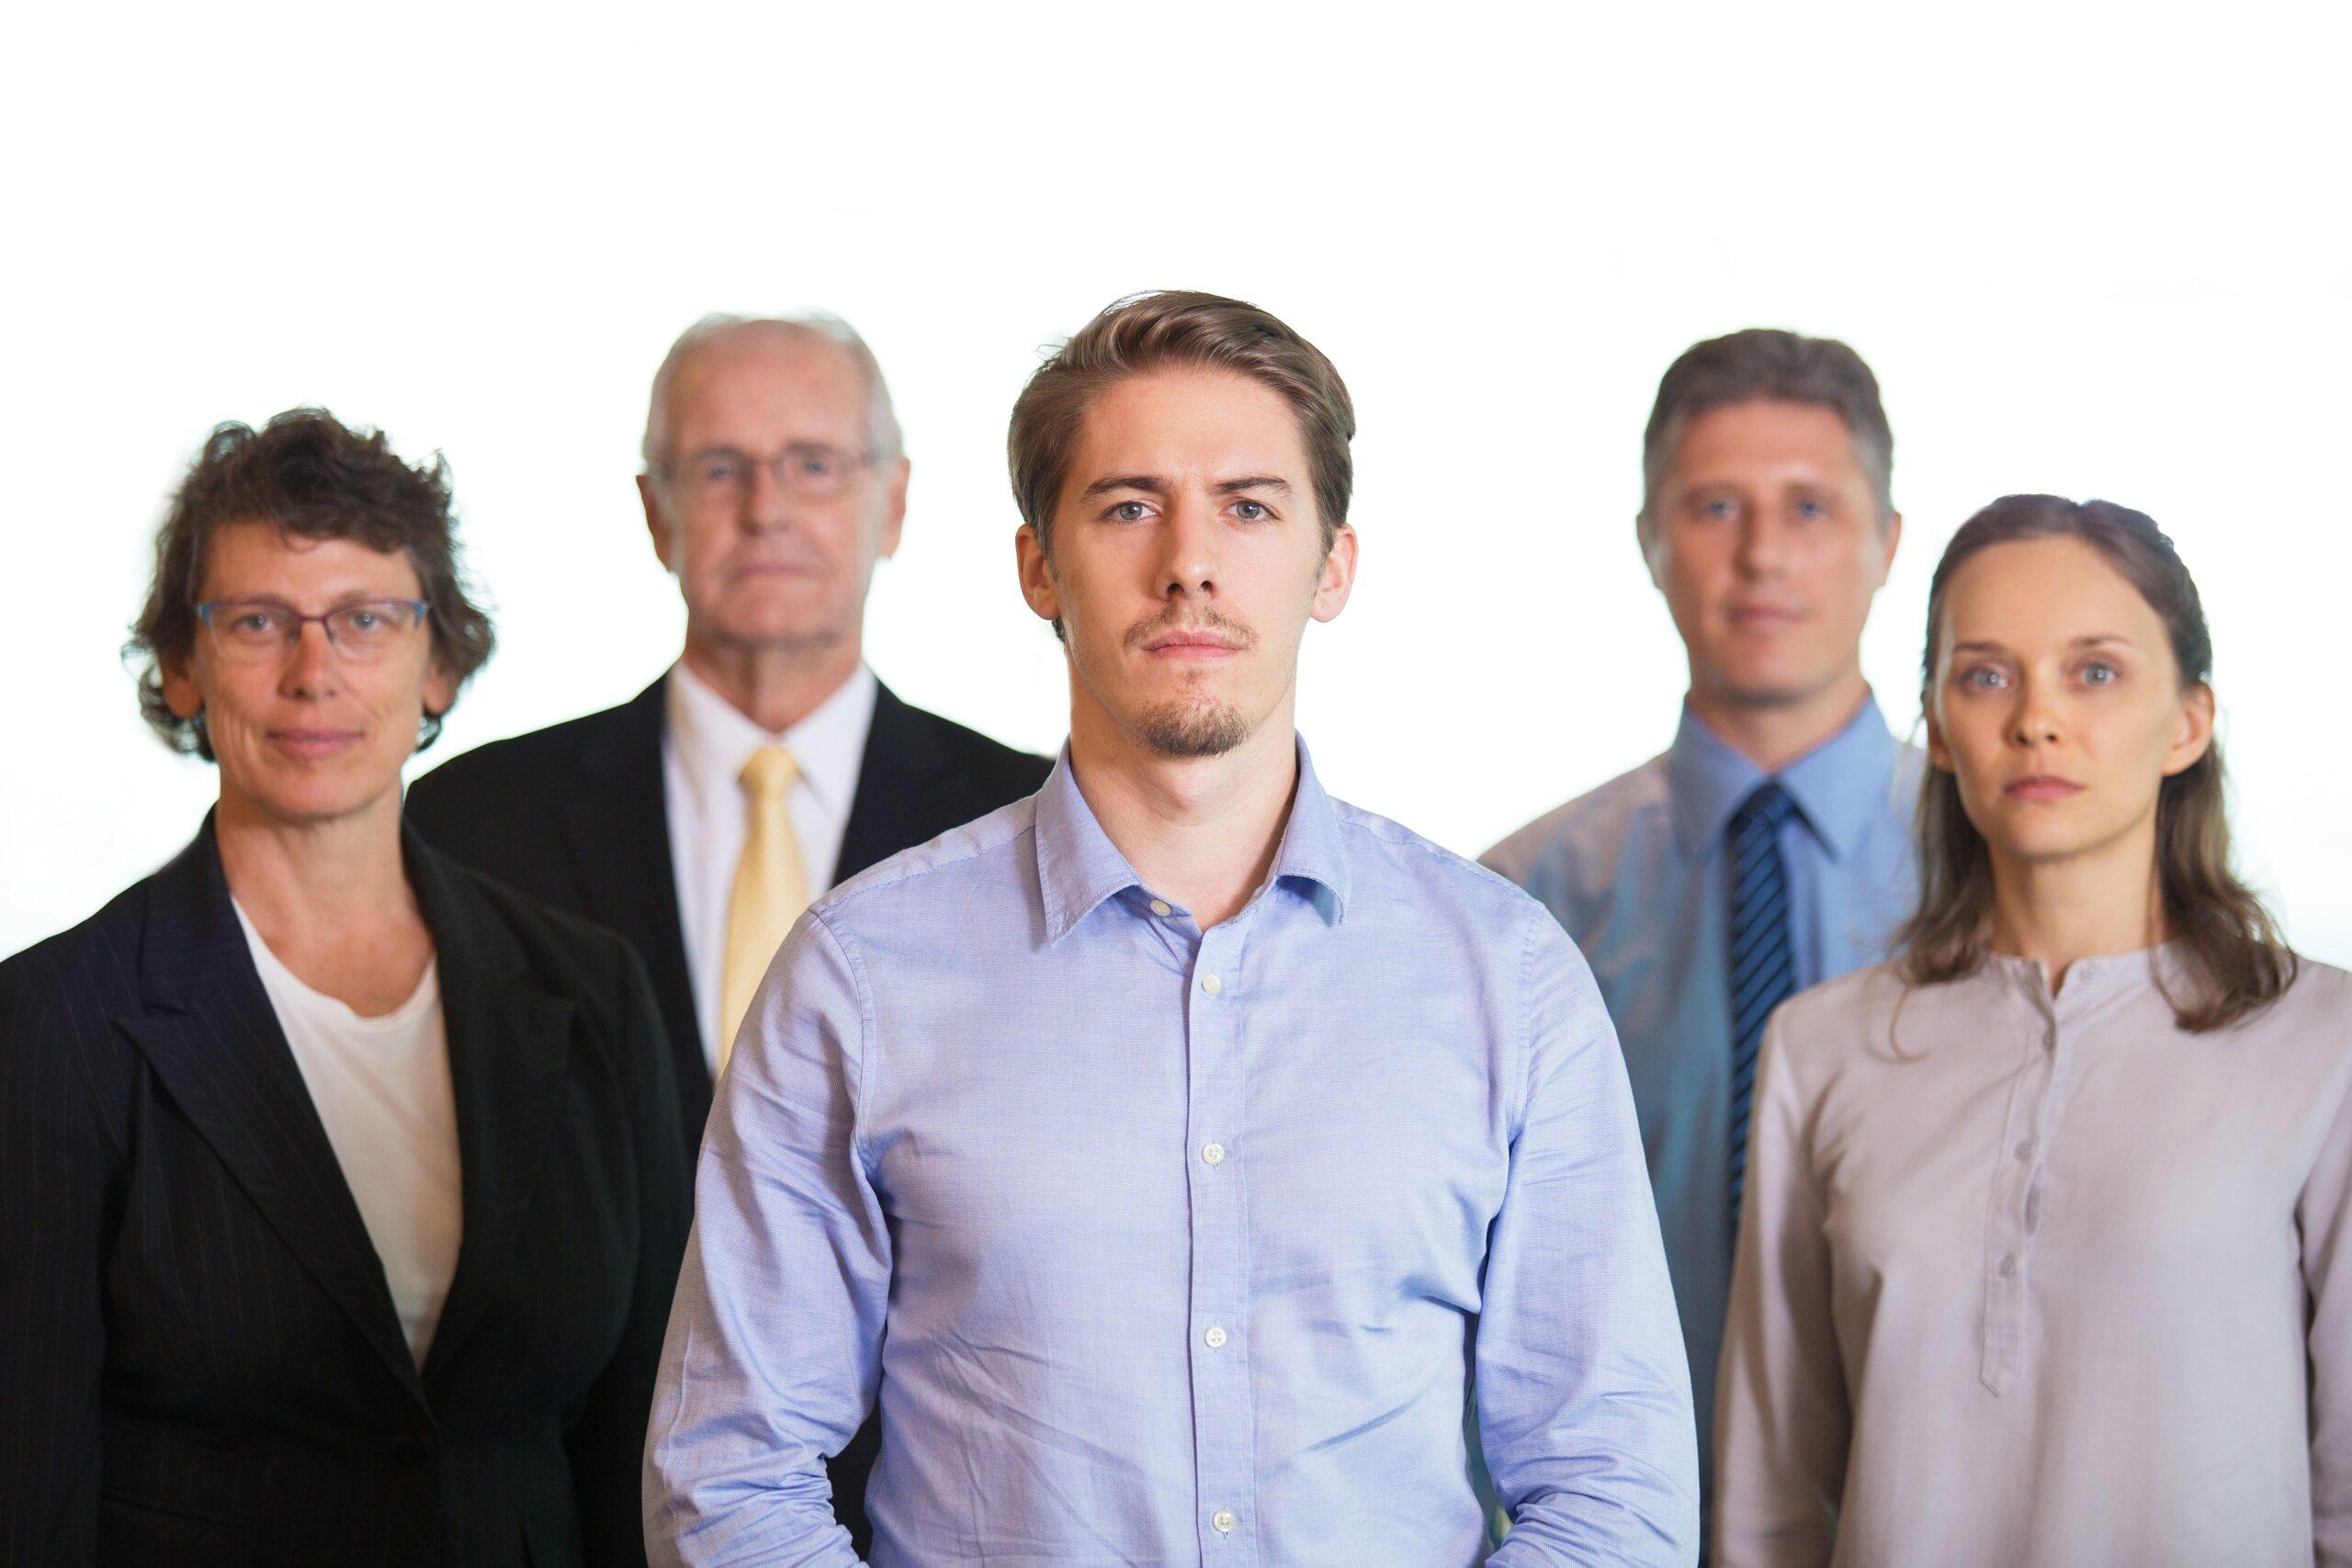 ¿Cómo funciona el Headhunting?: Aprende cómo seleccionar el personal de tu empresa